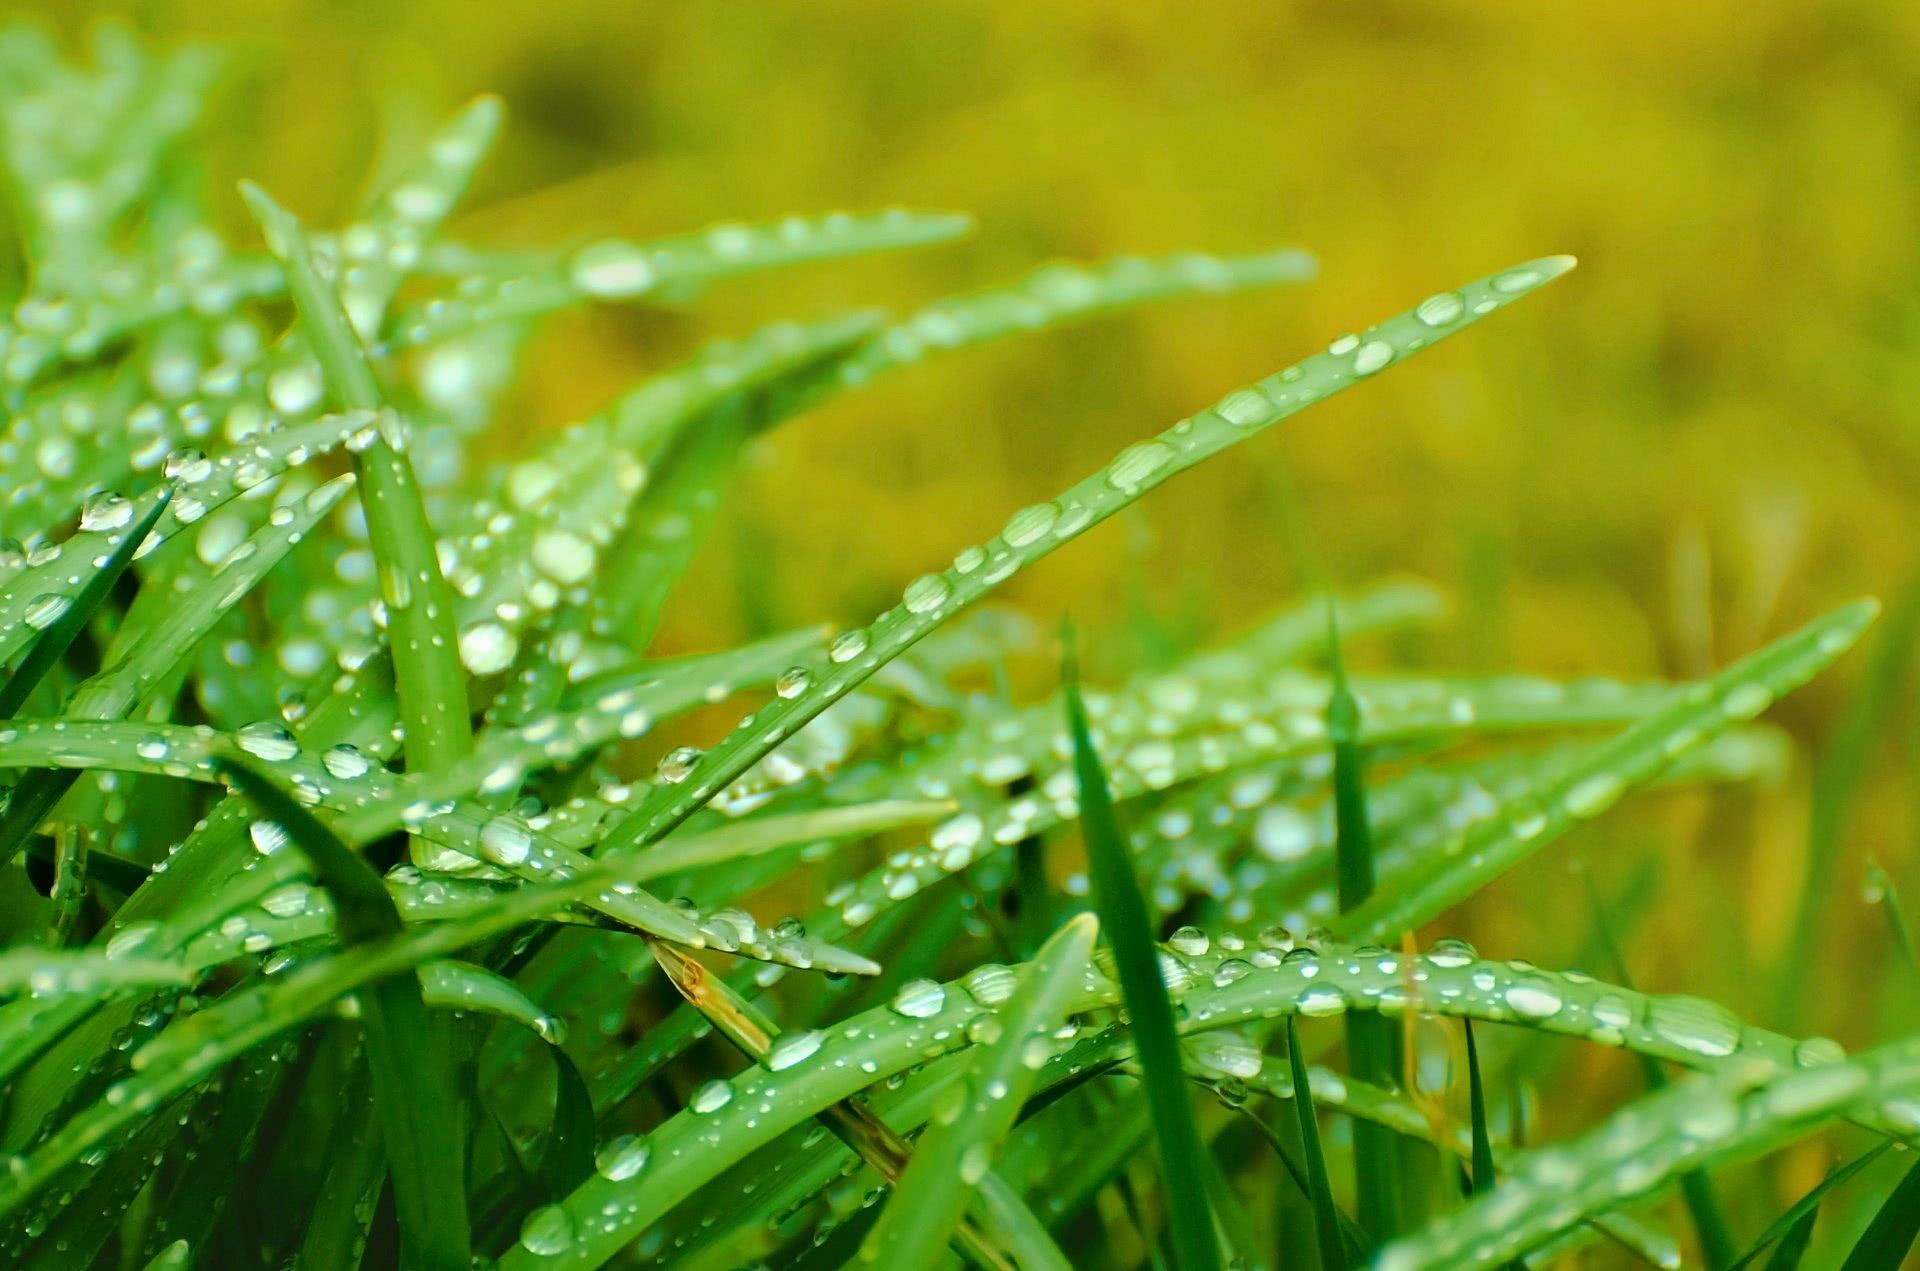 wet grass wallpaper   plants  grass  wet grass wallpaper jpg html clip art grass cutting clip art grasshopper